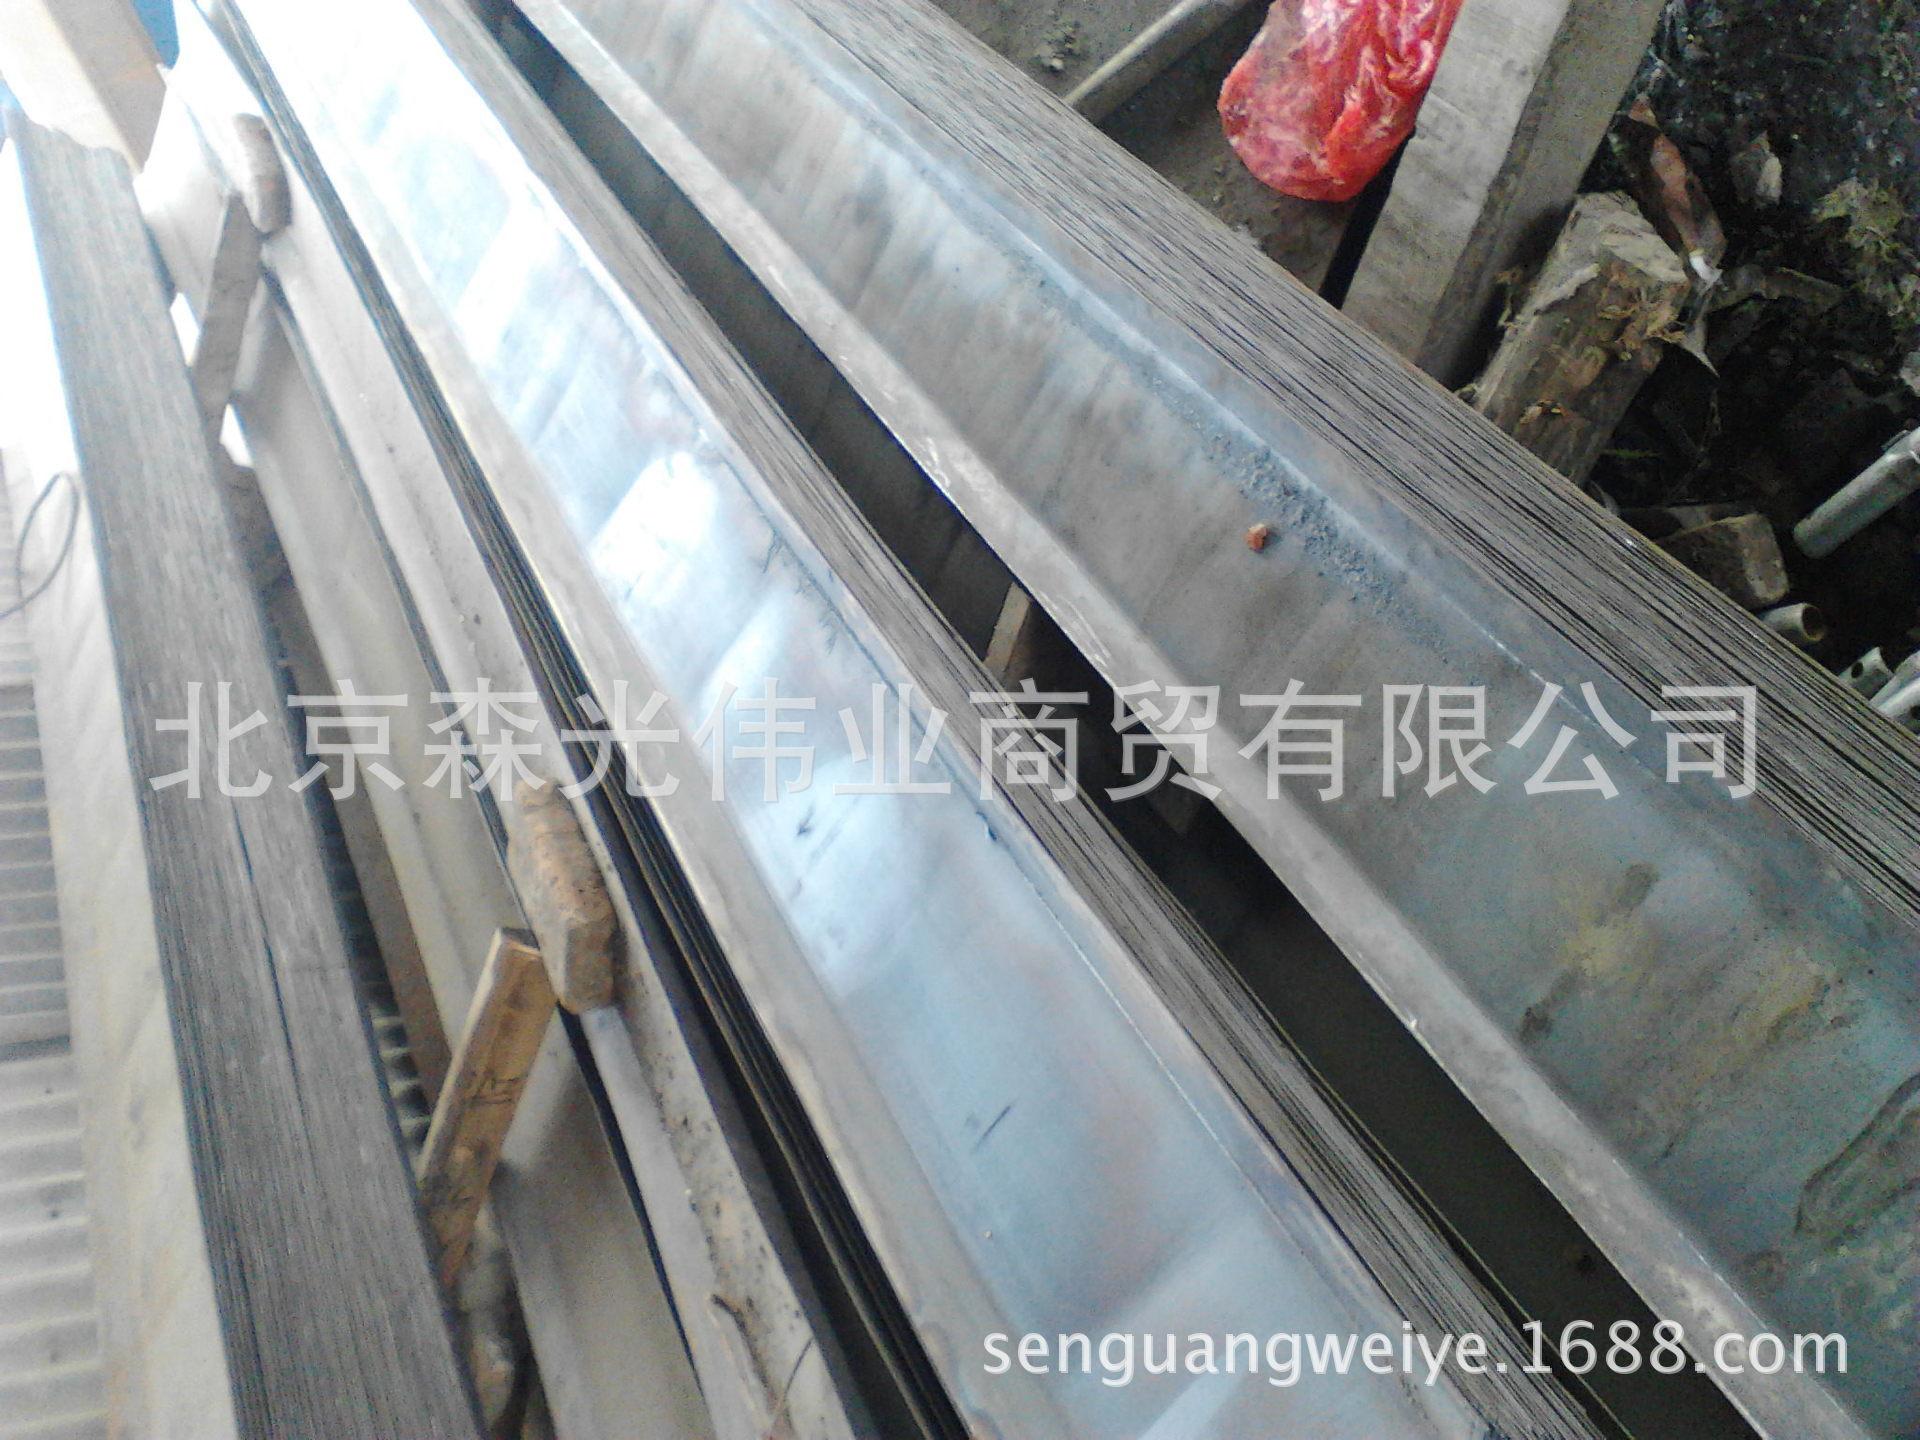 生产:止水钢板、门窗护角、穿墙螺栓、建筑配件